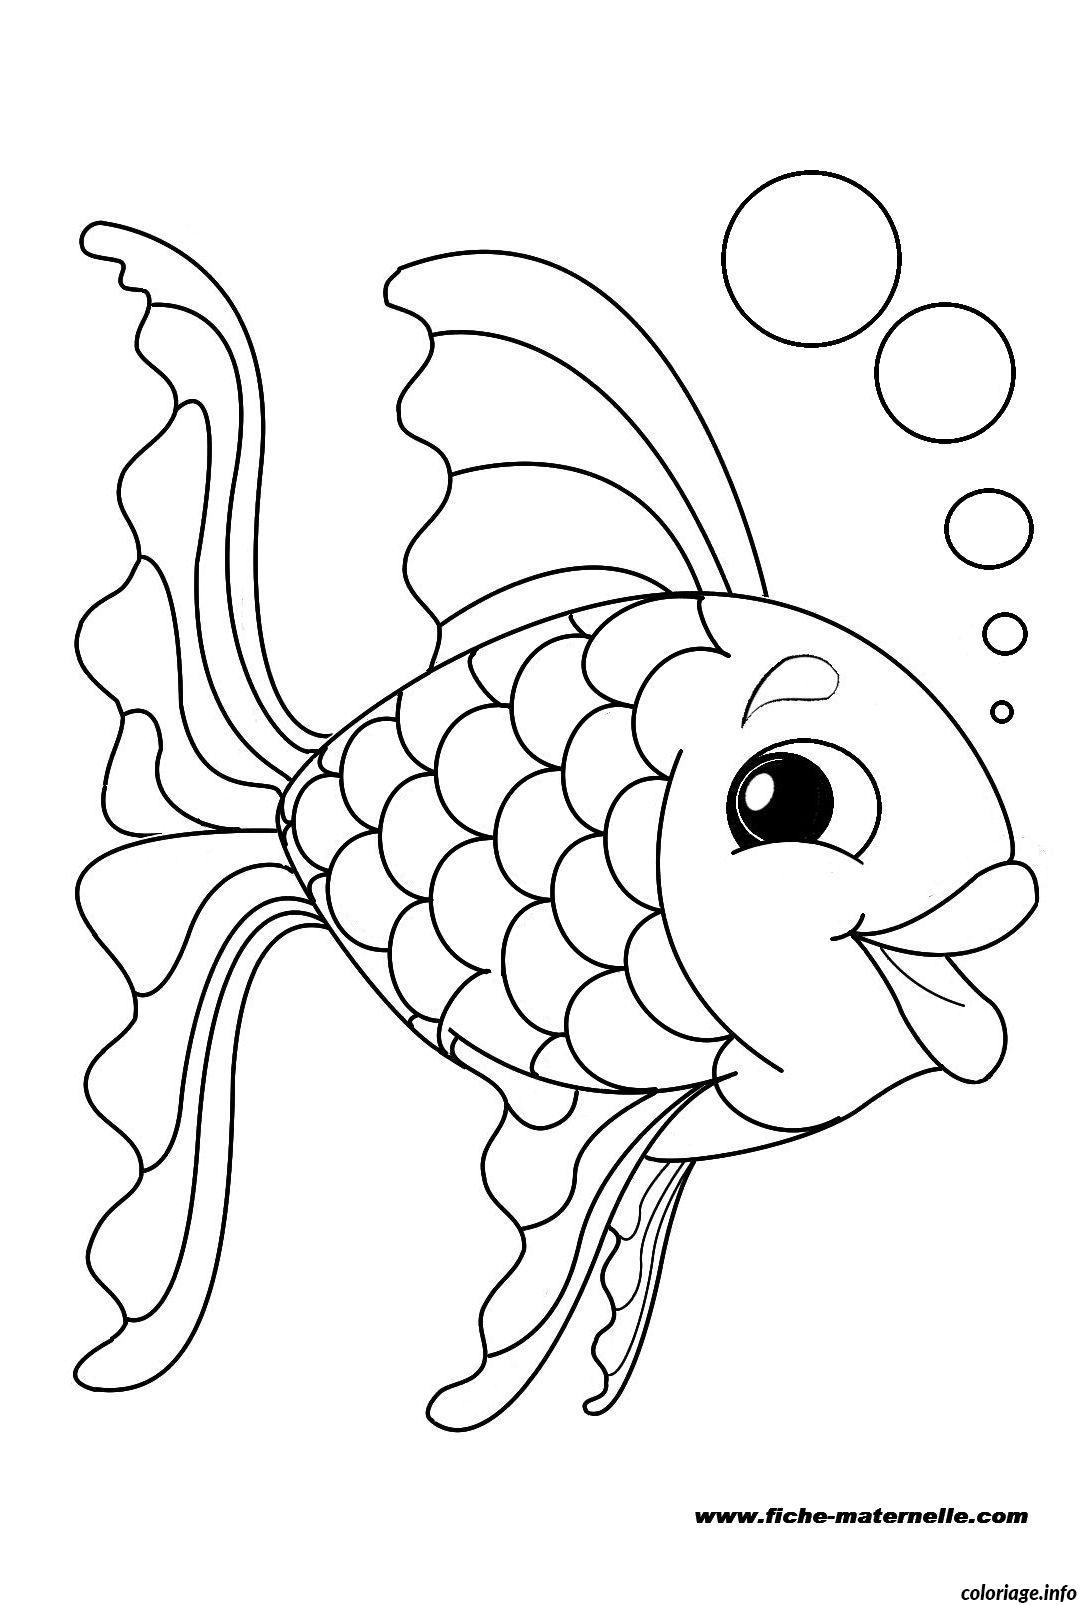 Coloriage poisson 56 dessin - Coloriages poissons ...